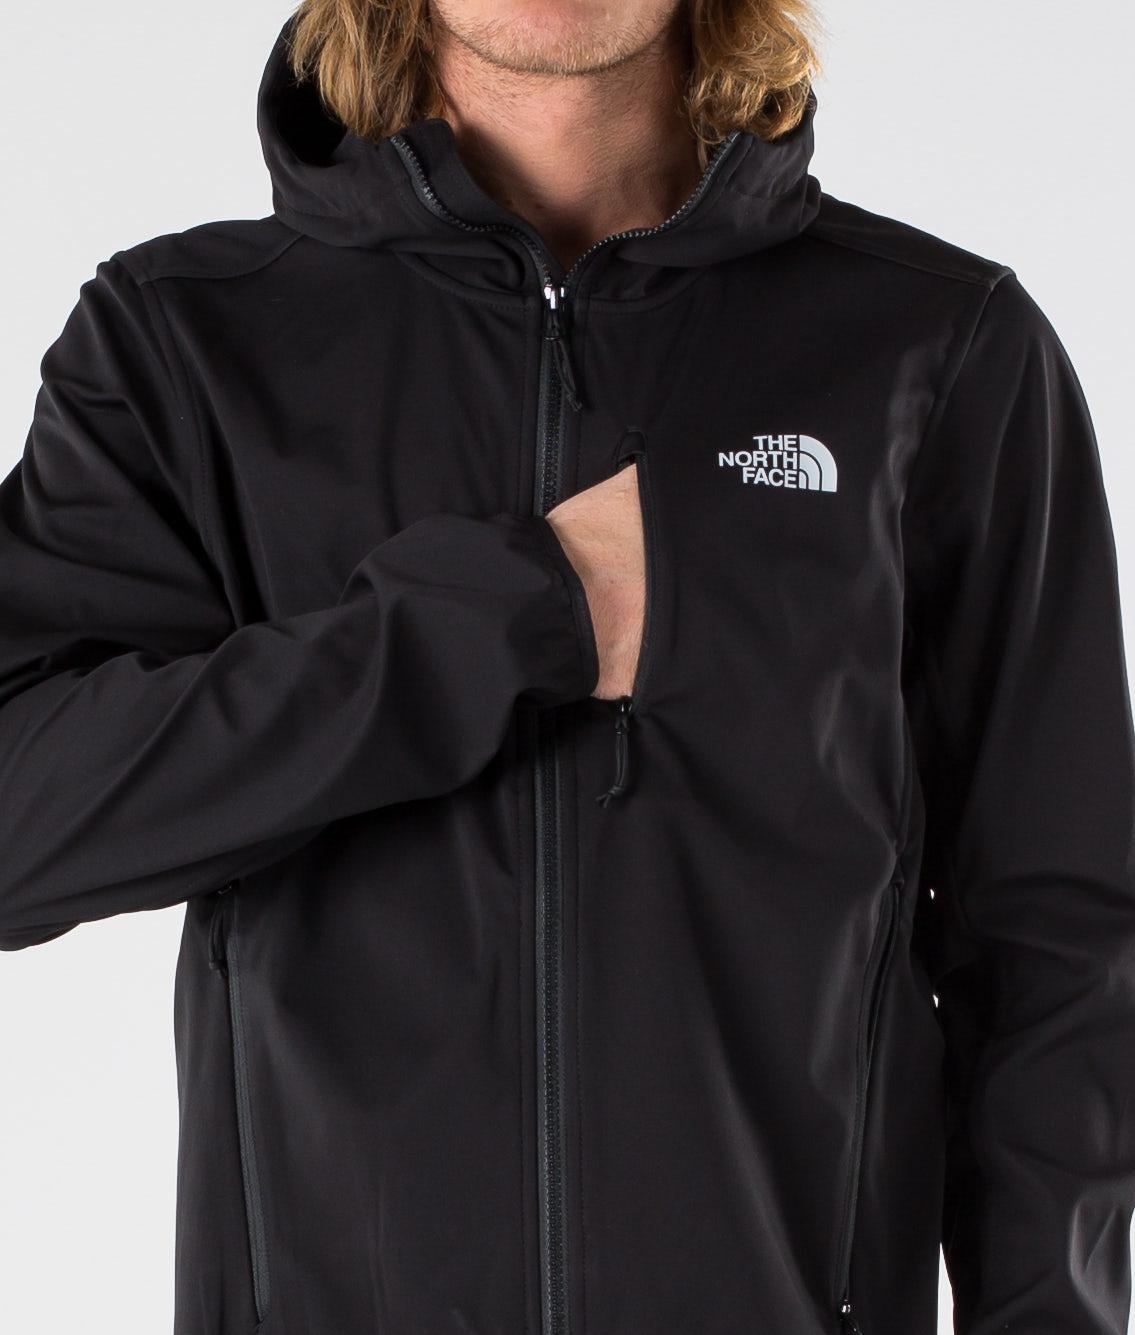 Köp Tansa Softshell Outdoor Jacka från The North Face på Ridestore.se Hos oss har du alltid fri frakt, fri retur och 30 dagar öppet köp!